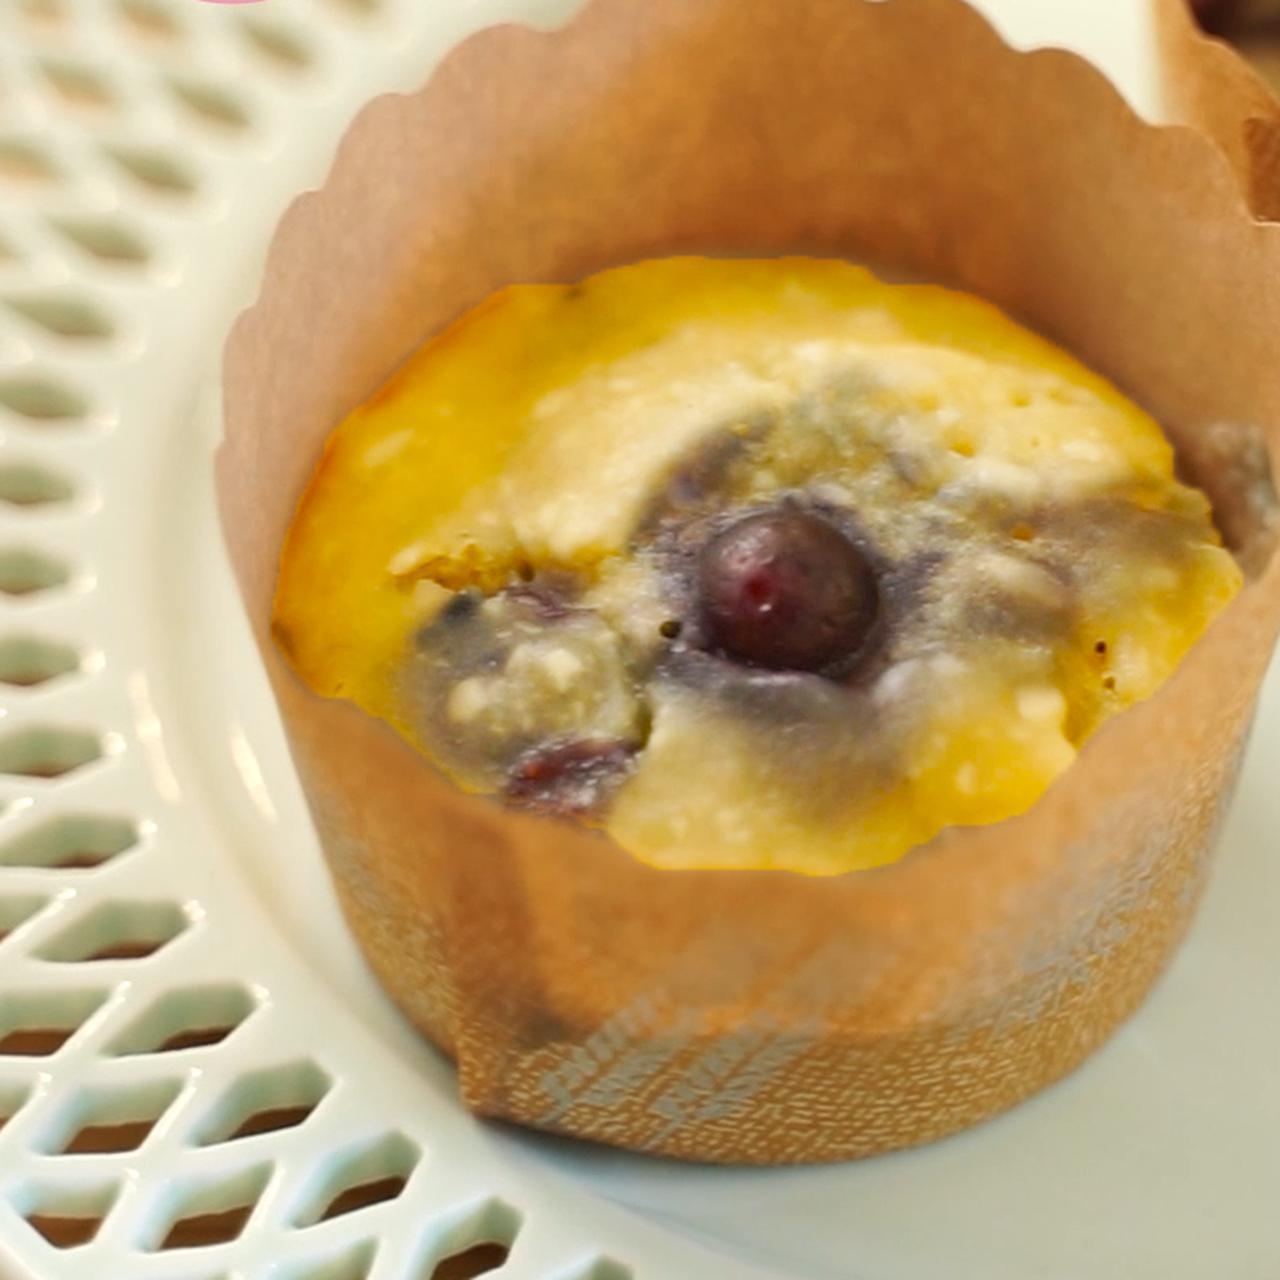 画像: 米粉で作るブルーベリー蒸しパン - 君とごはん